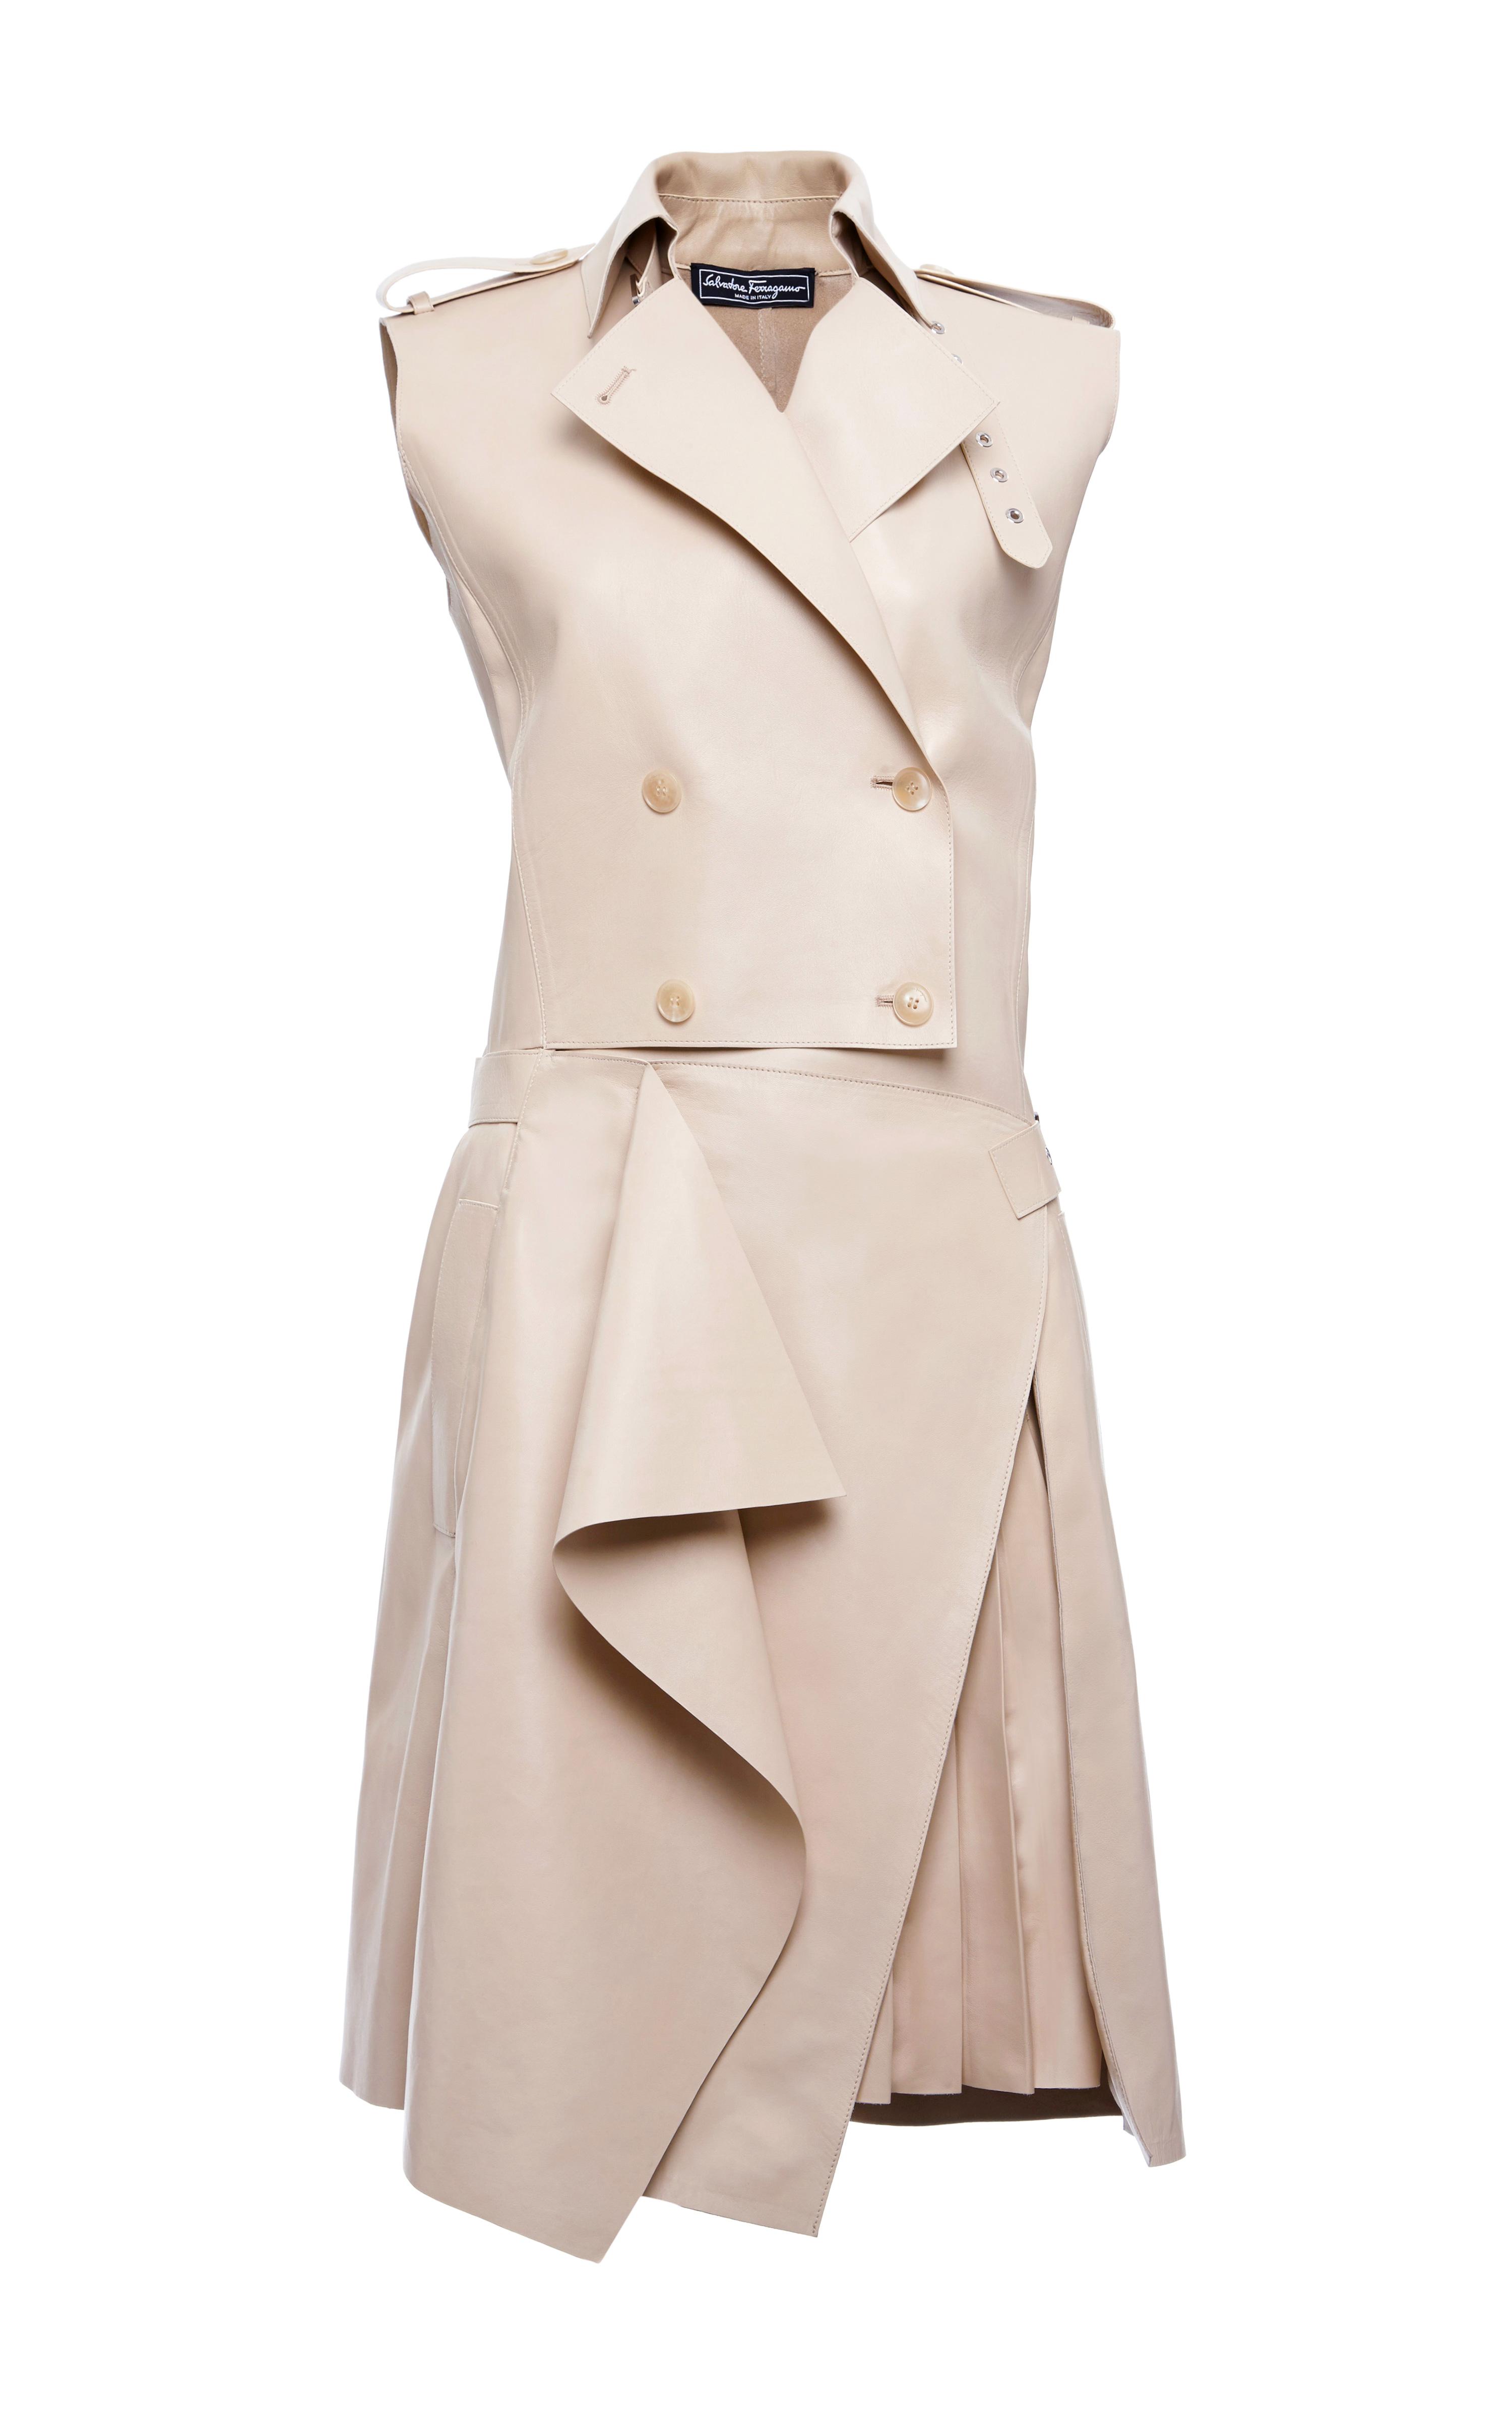 Zappos Dresses